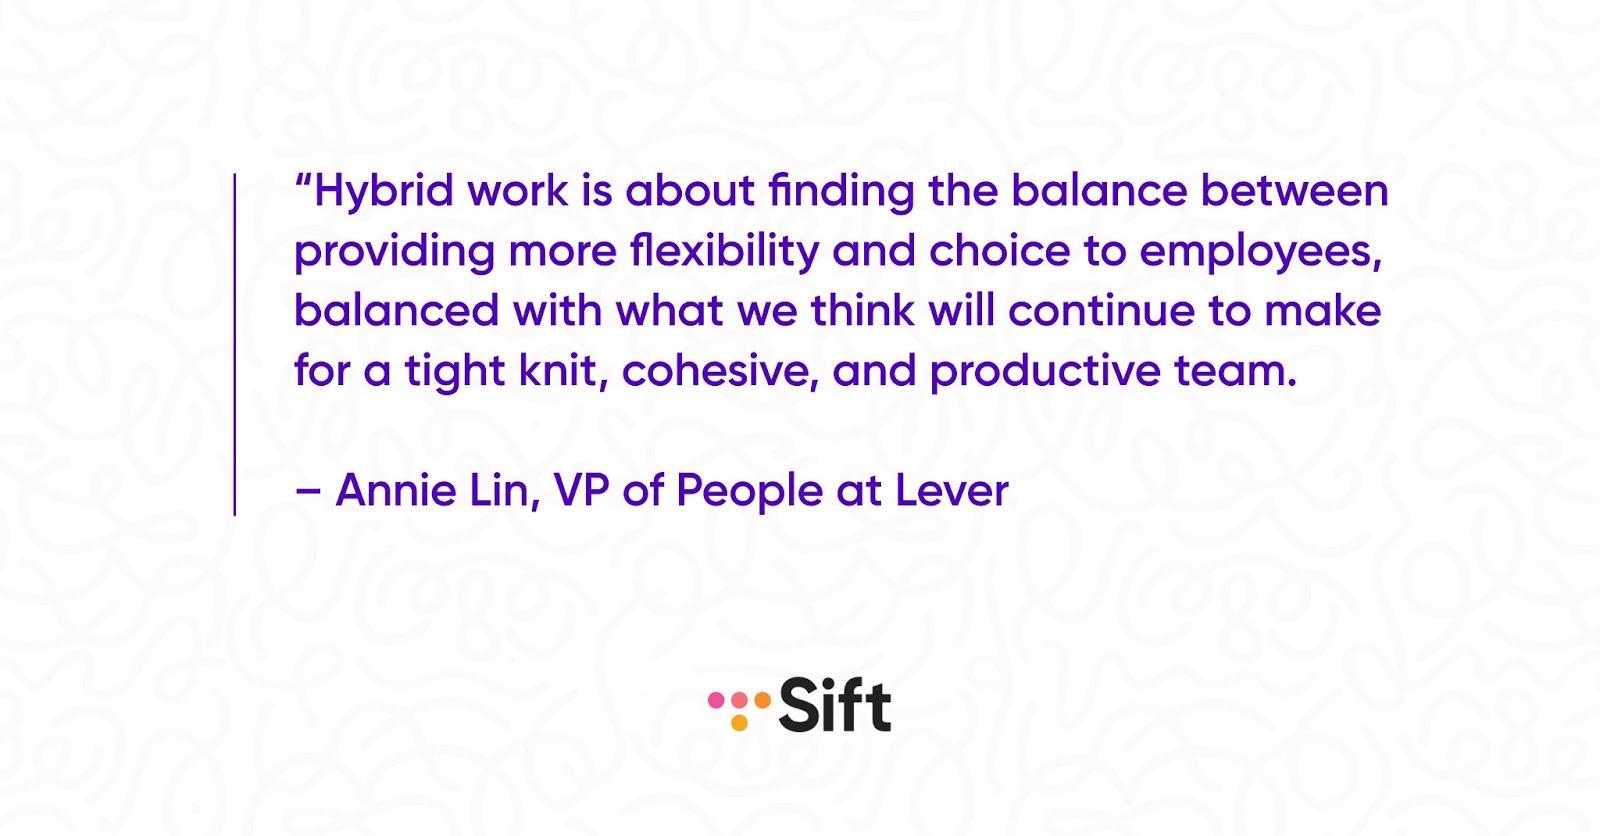 Annie Lin hybrid work quote